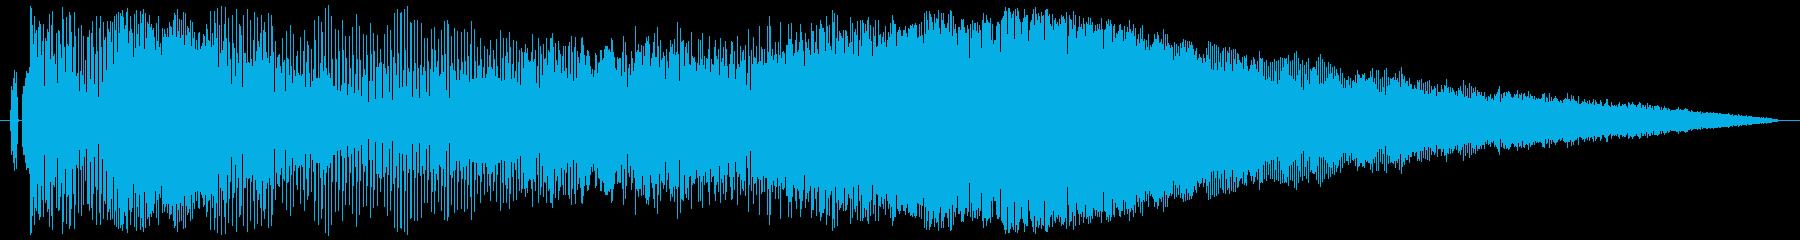 【レース05】ド迫力のエンジン効果音!の再生済みの波形